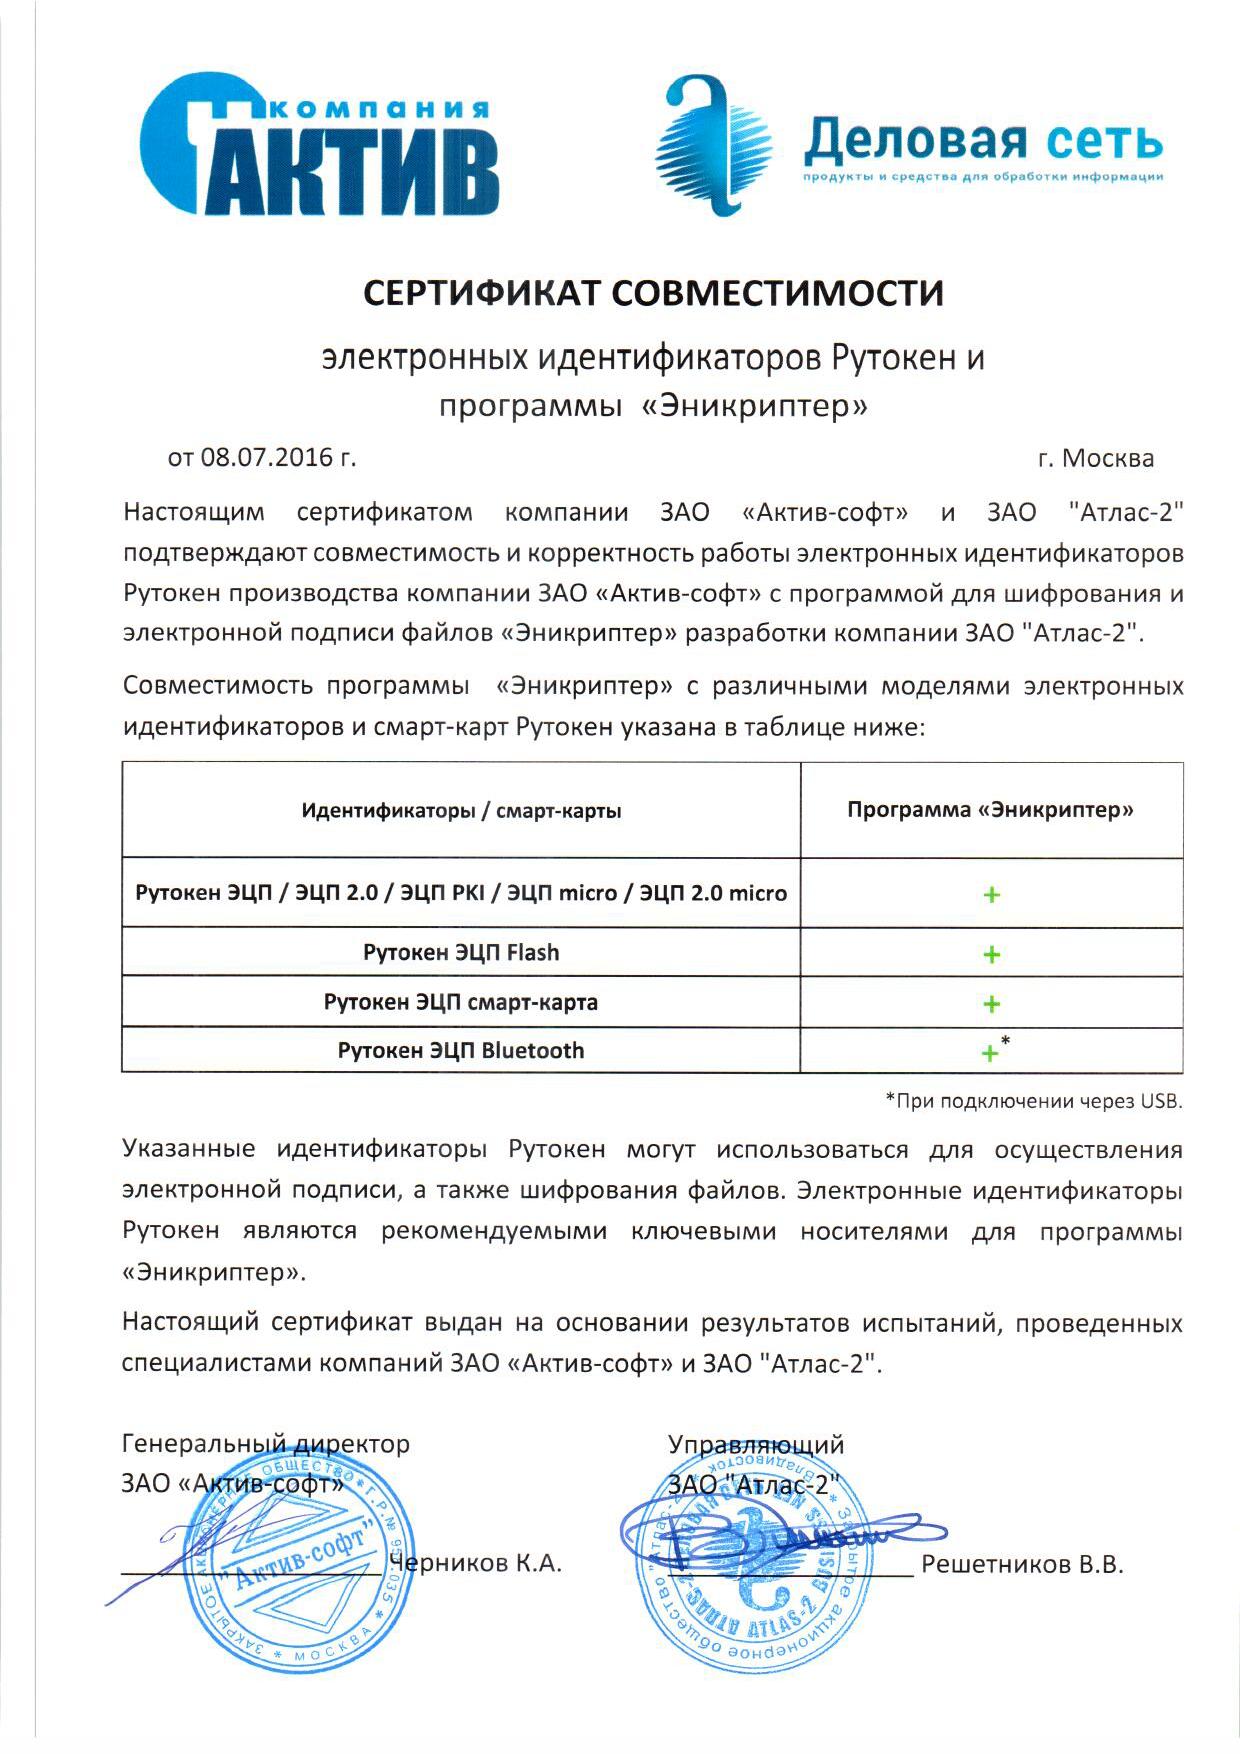 Сертификат совместимости Рутокен и компании актив